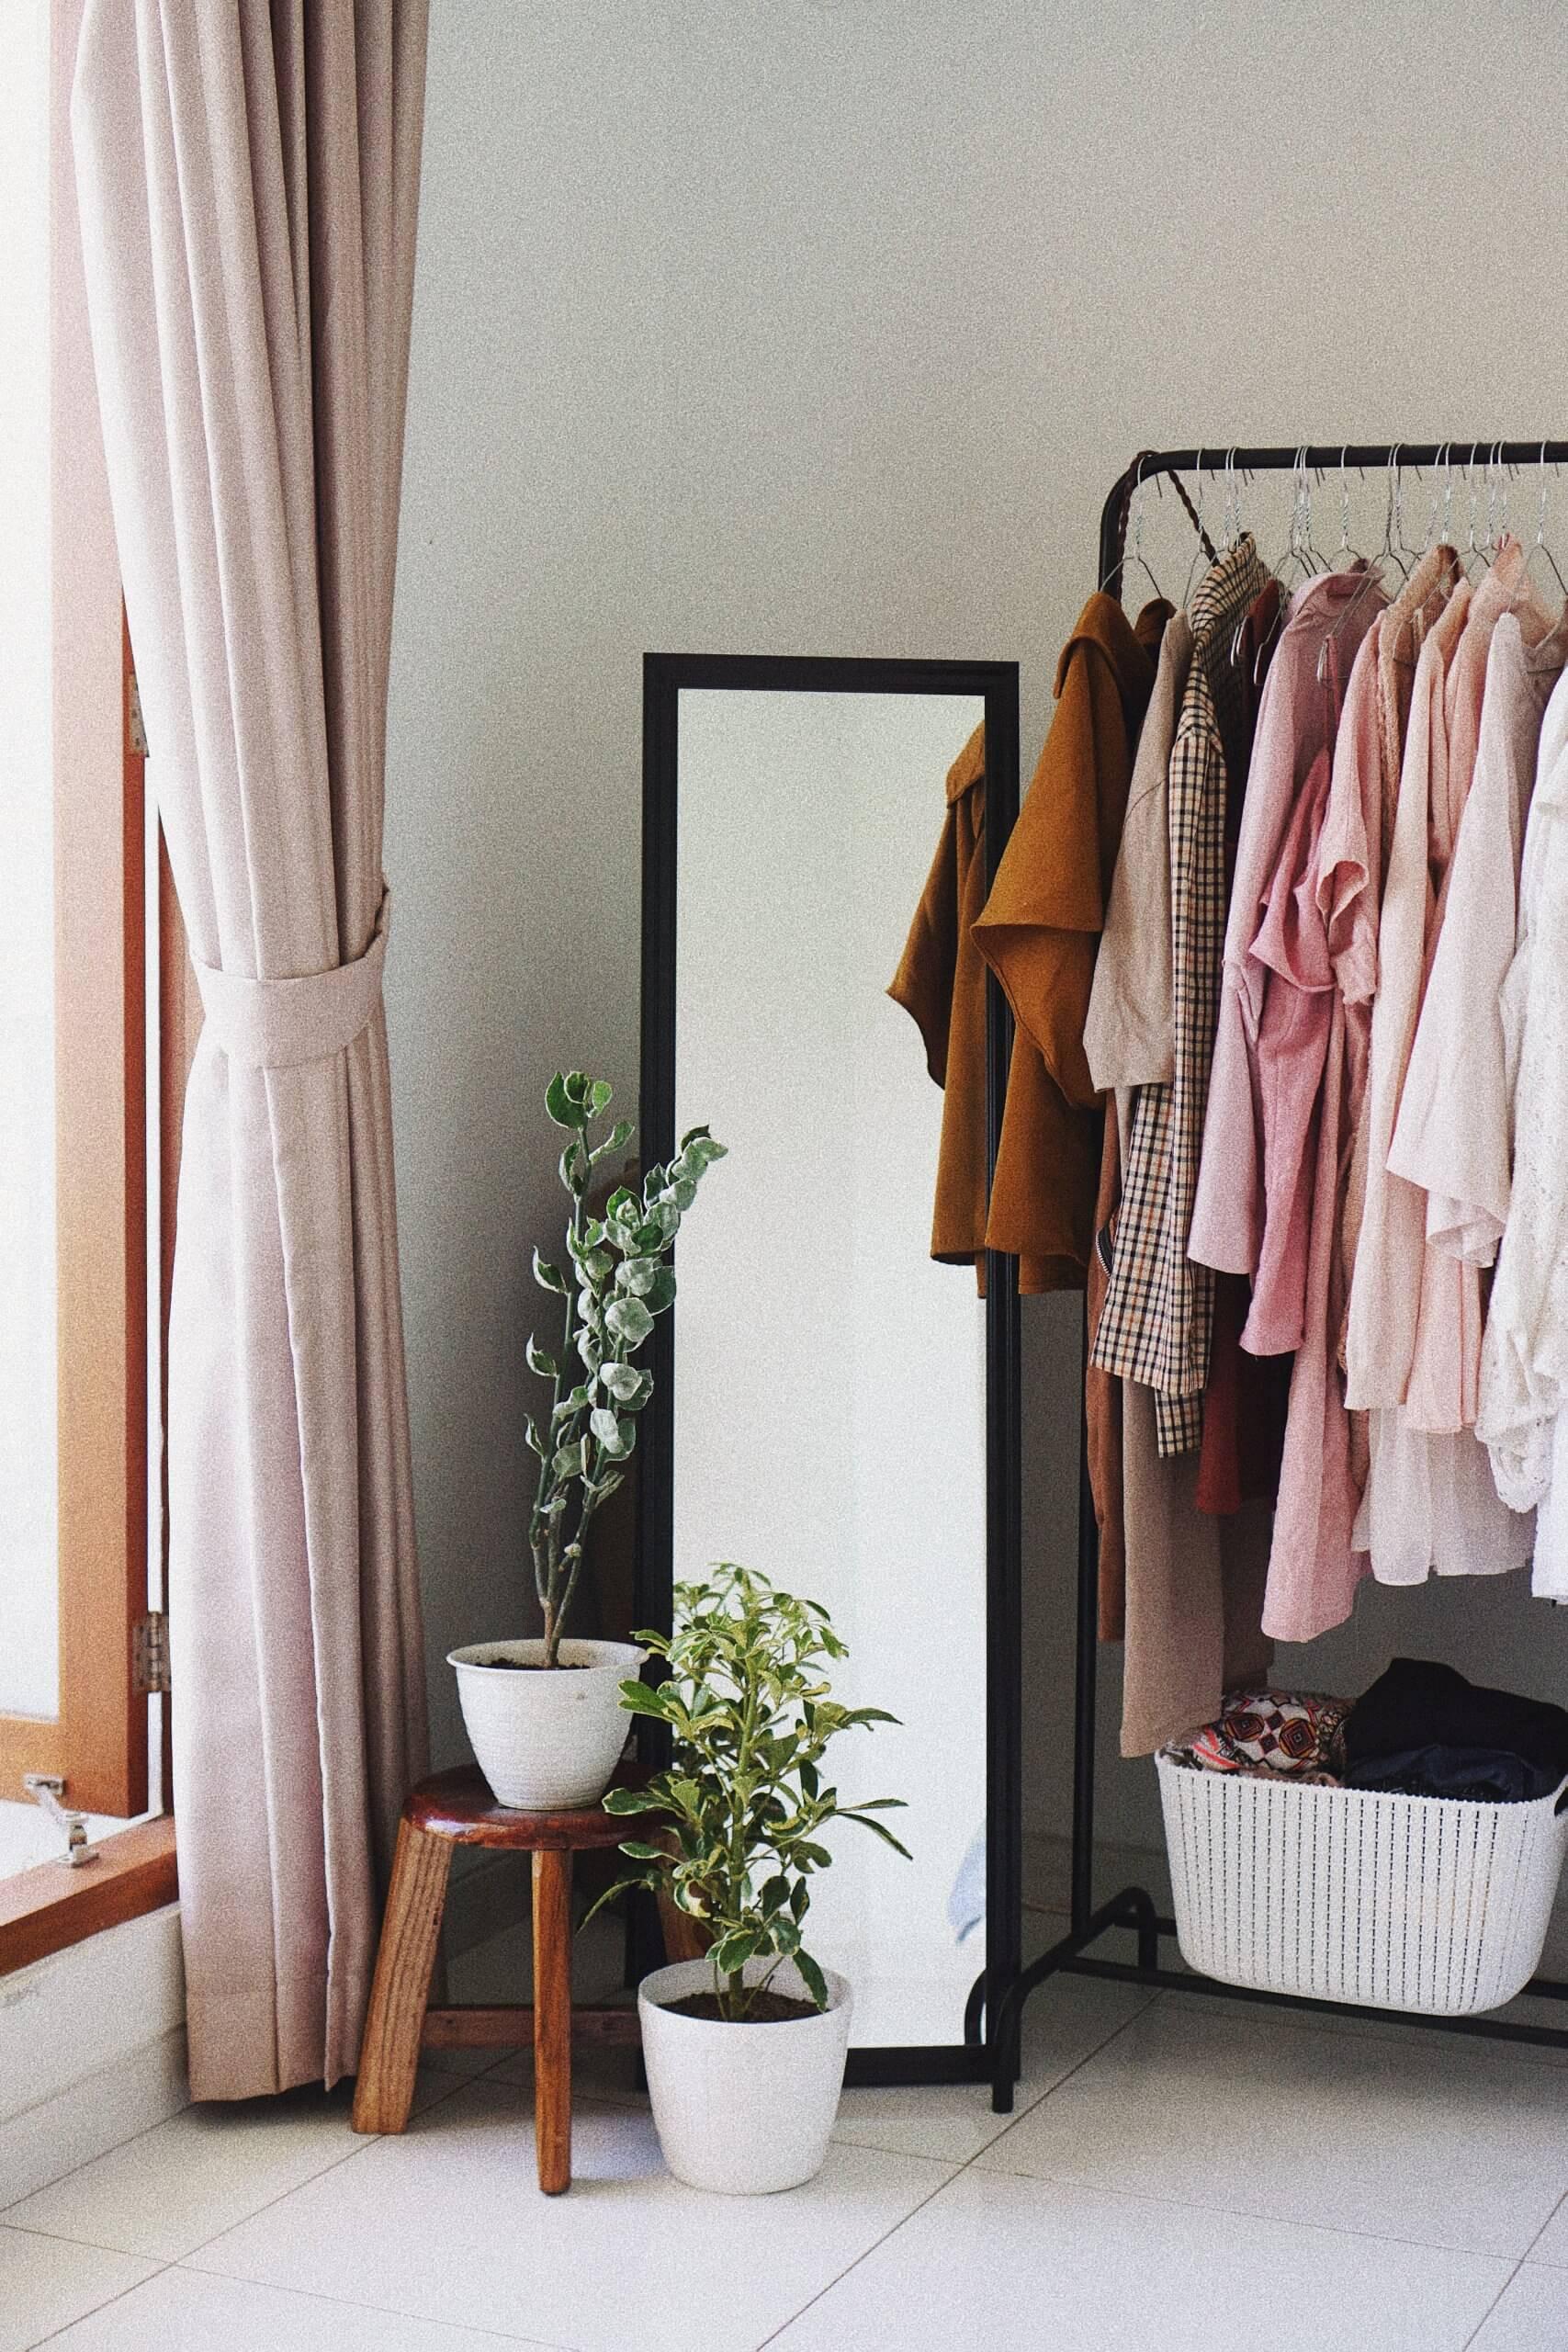 detalhe de quarto feminino com cabide com roupa em tons de cor-de-rosa, espelho, plantas e cortinado rosa